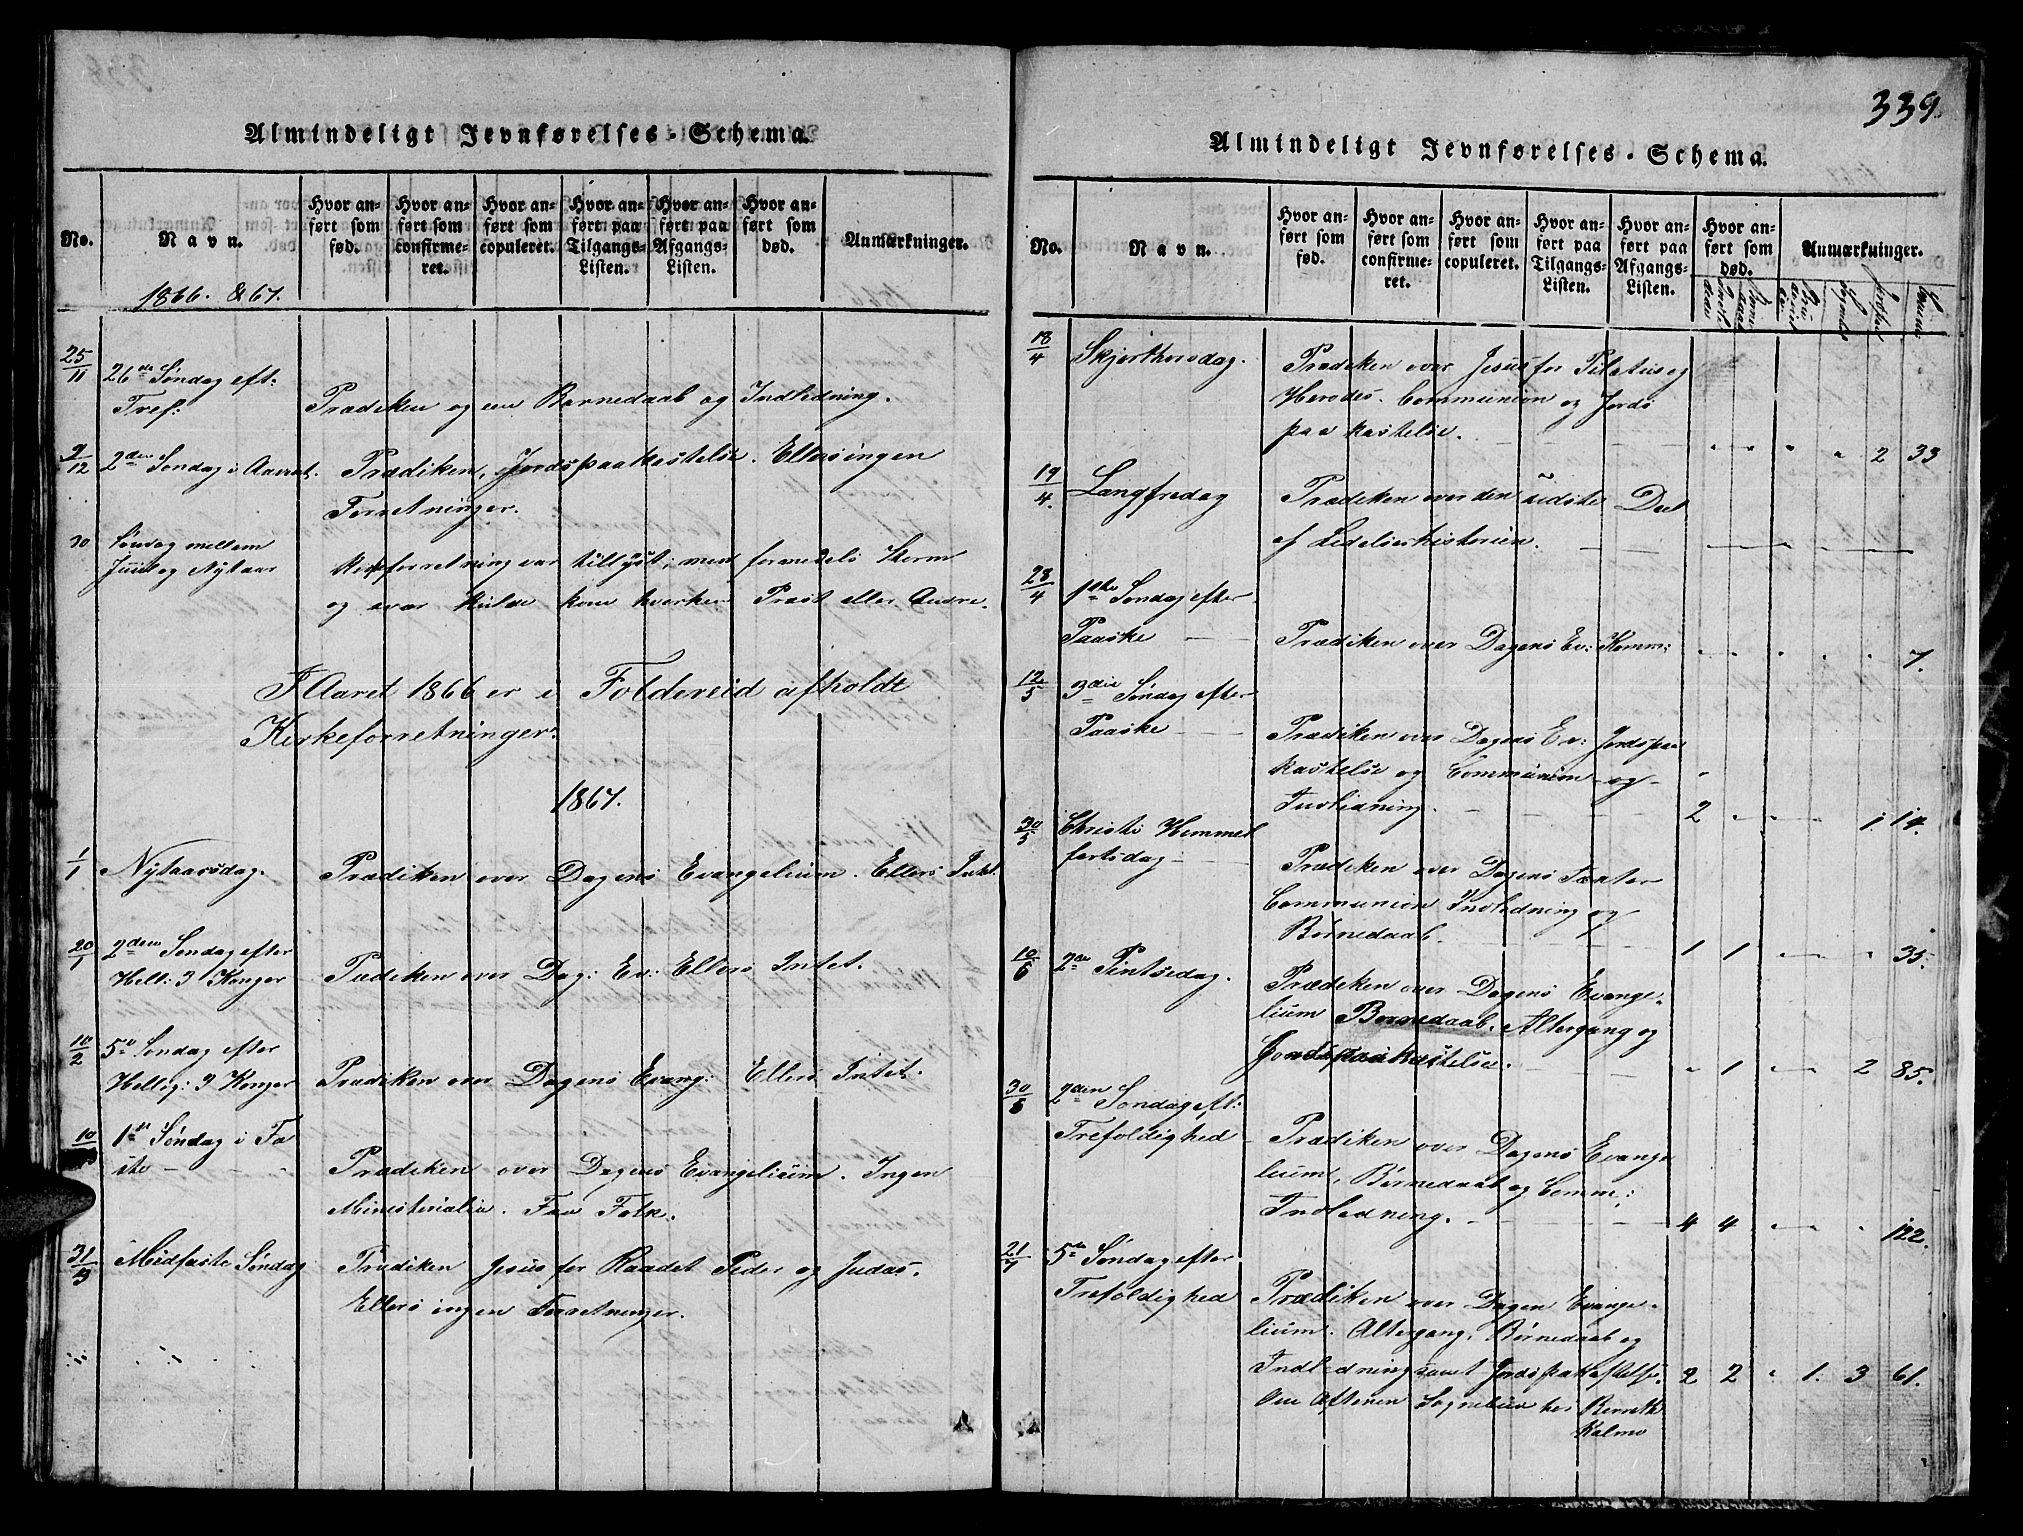 SAT, Ministerialprotokoller, klokkerbøker og fødselsregistre - Nord-Trøndelag, 780/L0648: Klokkerbok nr. 780C01 /1, 1815-1870, s. 339